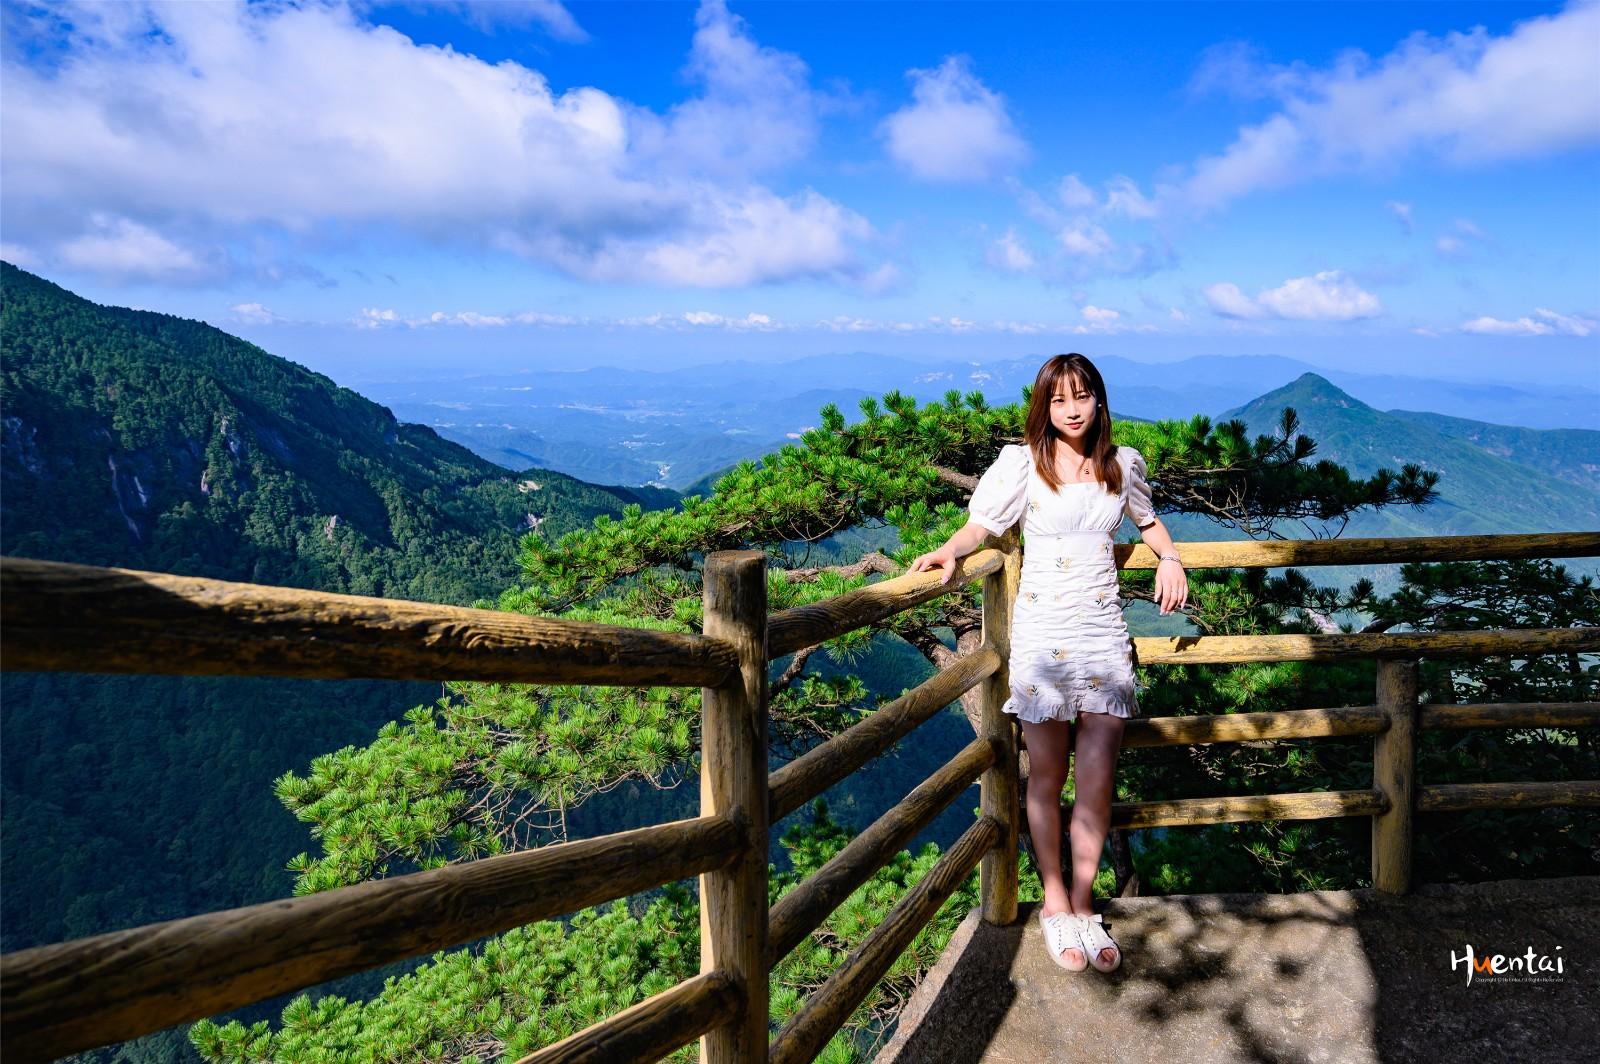 泡完温泉去登明月山,在江西宜春休闲避暑